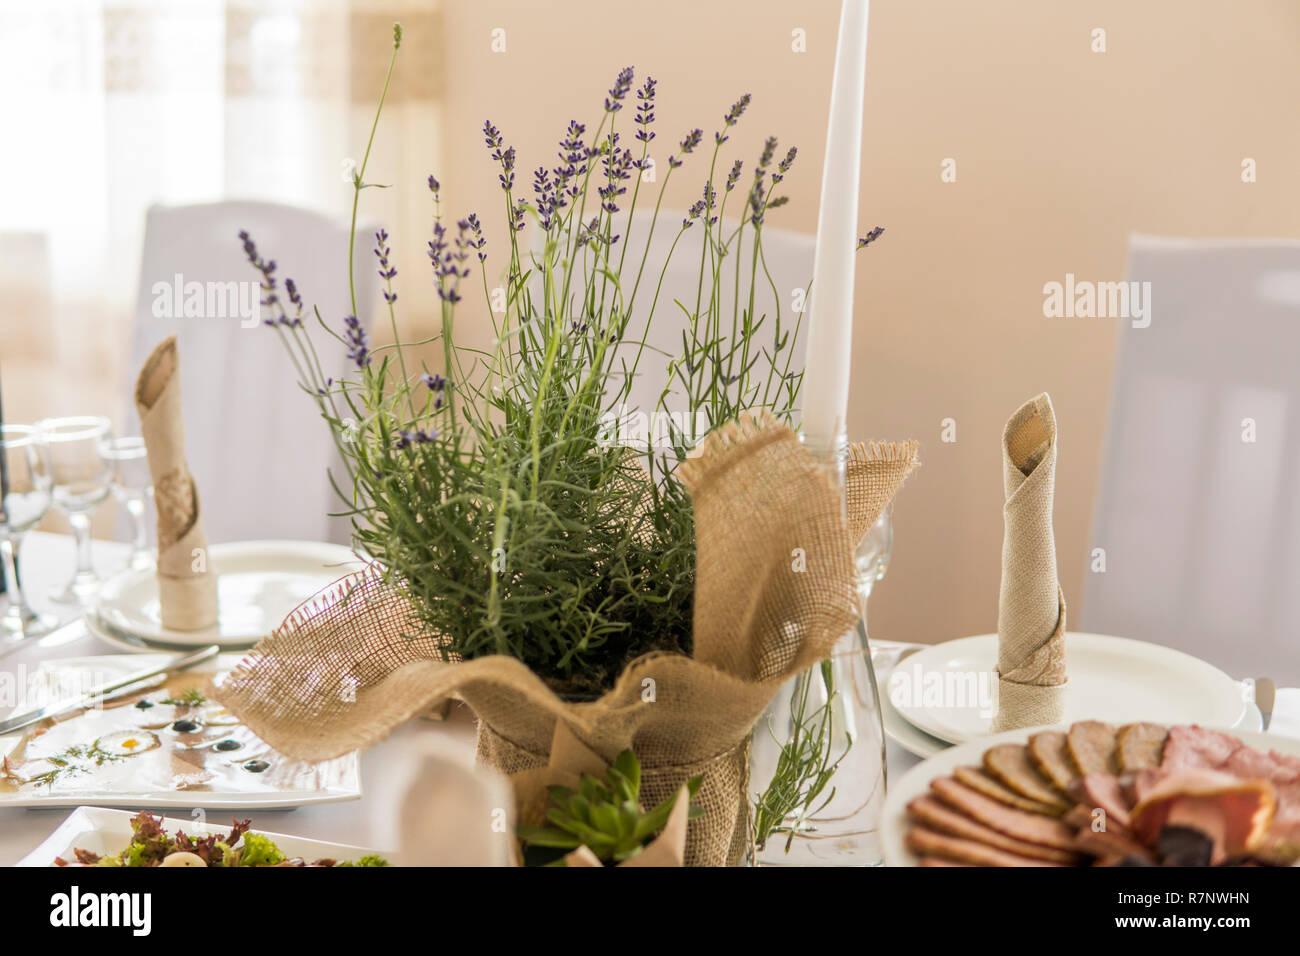 Holzerne Hochzeit Tischdekoration Mit Blumen Und Kerzen Stockfoto